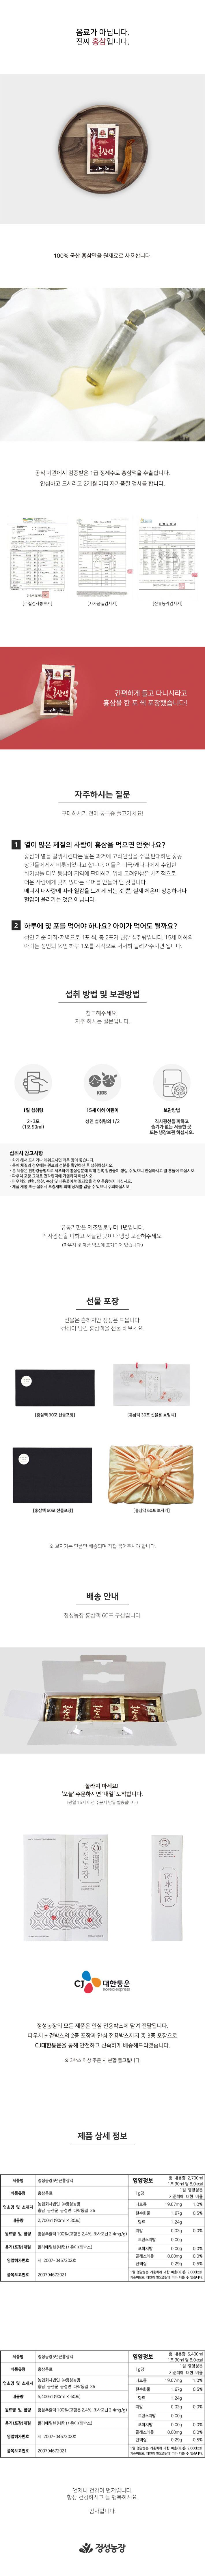 [정성농장]-충남-금산-100%-5년근-홍삼액_상세이미지변경_02.jpg